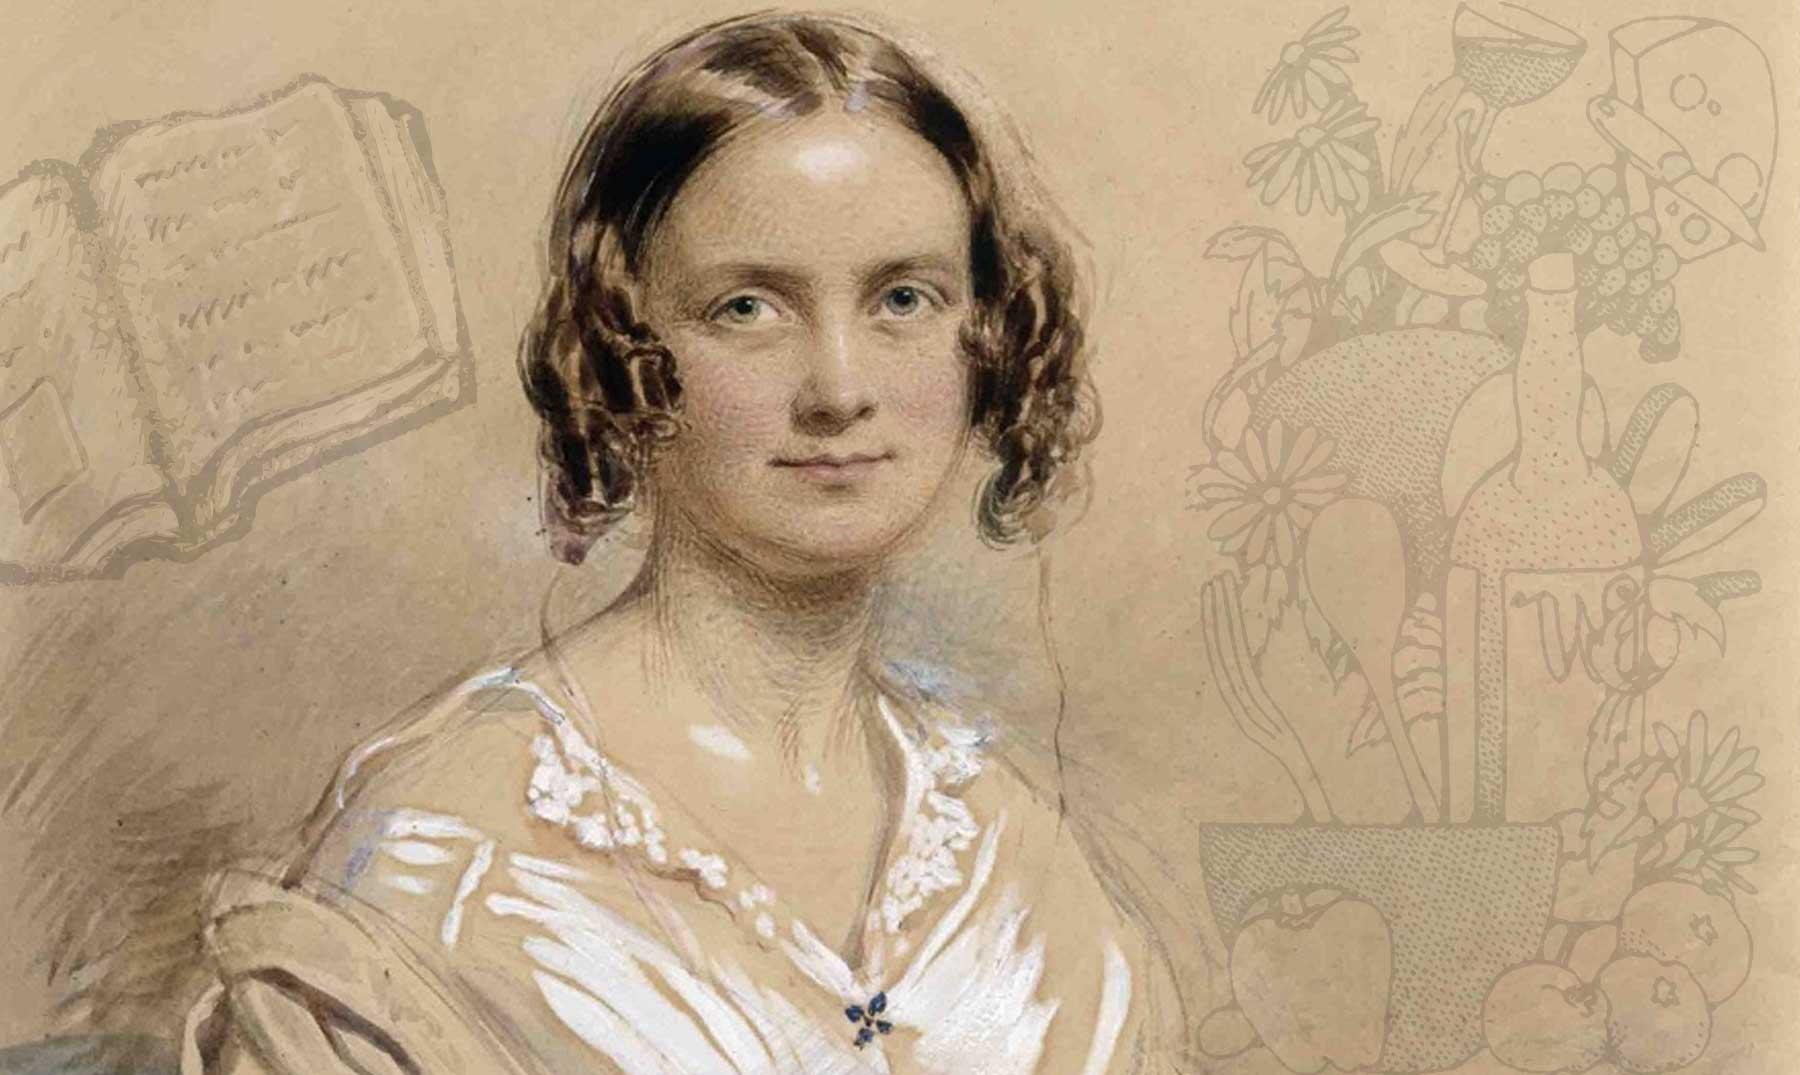 Las Recetas de la esposa de Mr. Darwin